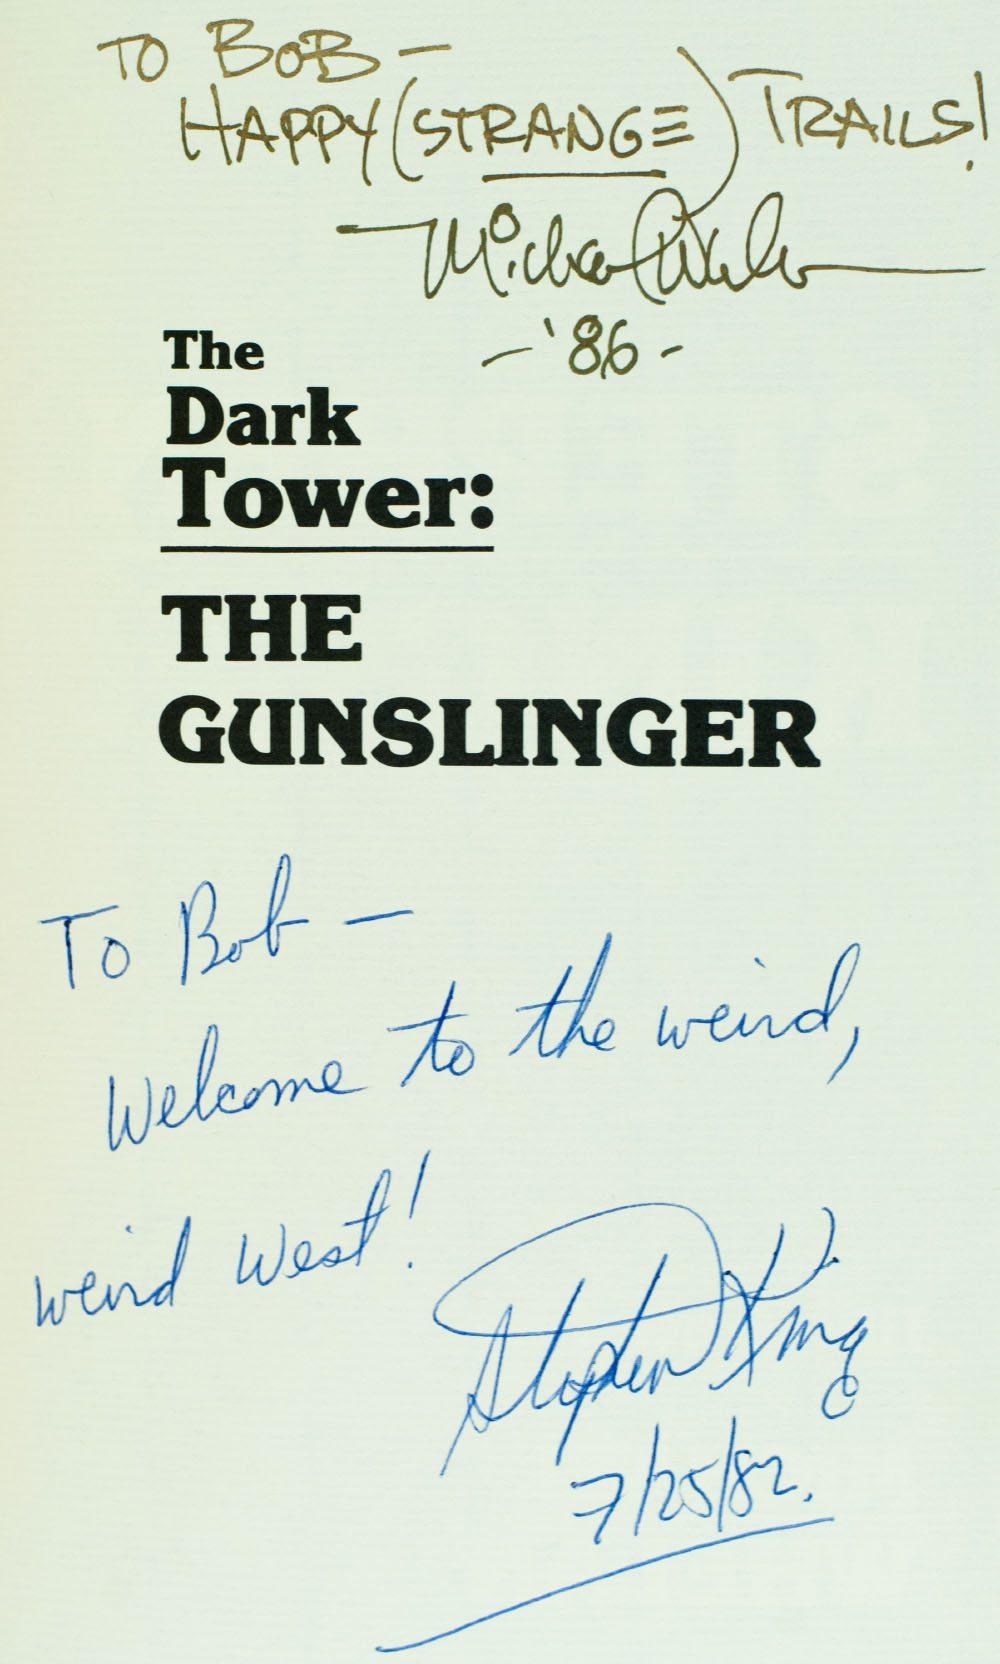 The Dark Tower: The Gunslinger.